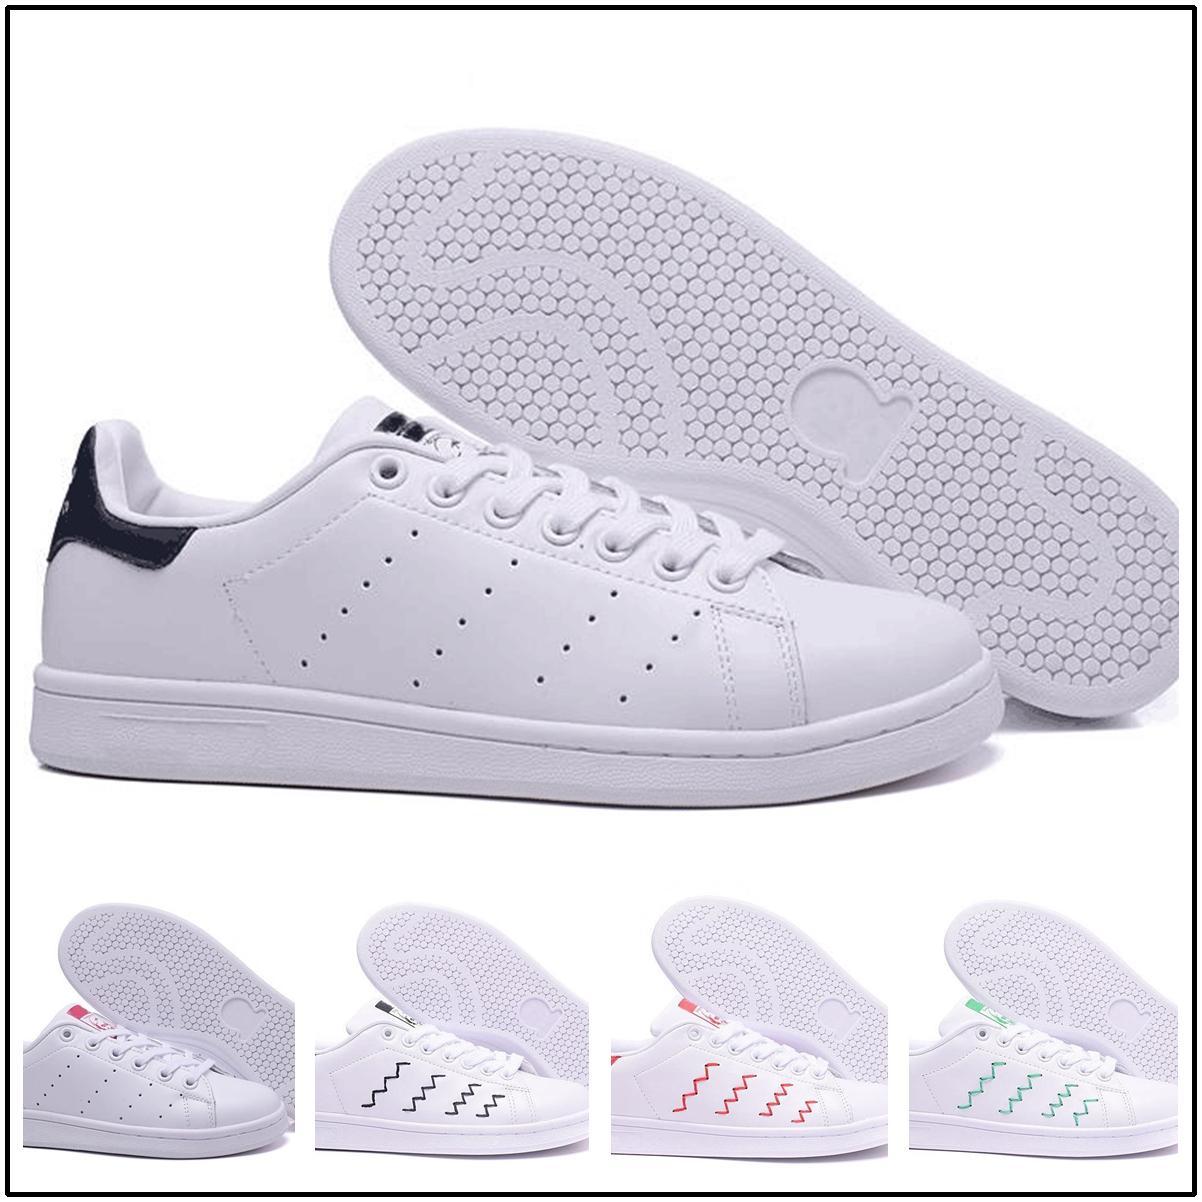 2018 Stan Smith verde VENTA CALIENTE mujeres de calidad superior hombres nuevos zapatos de moda Stan Smith zapatillas de deporte de cuero ocasionales corrida deporte Zapatos